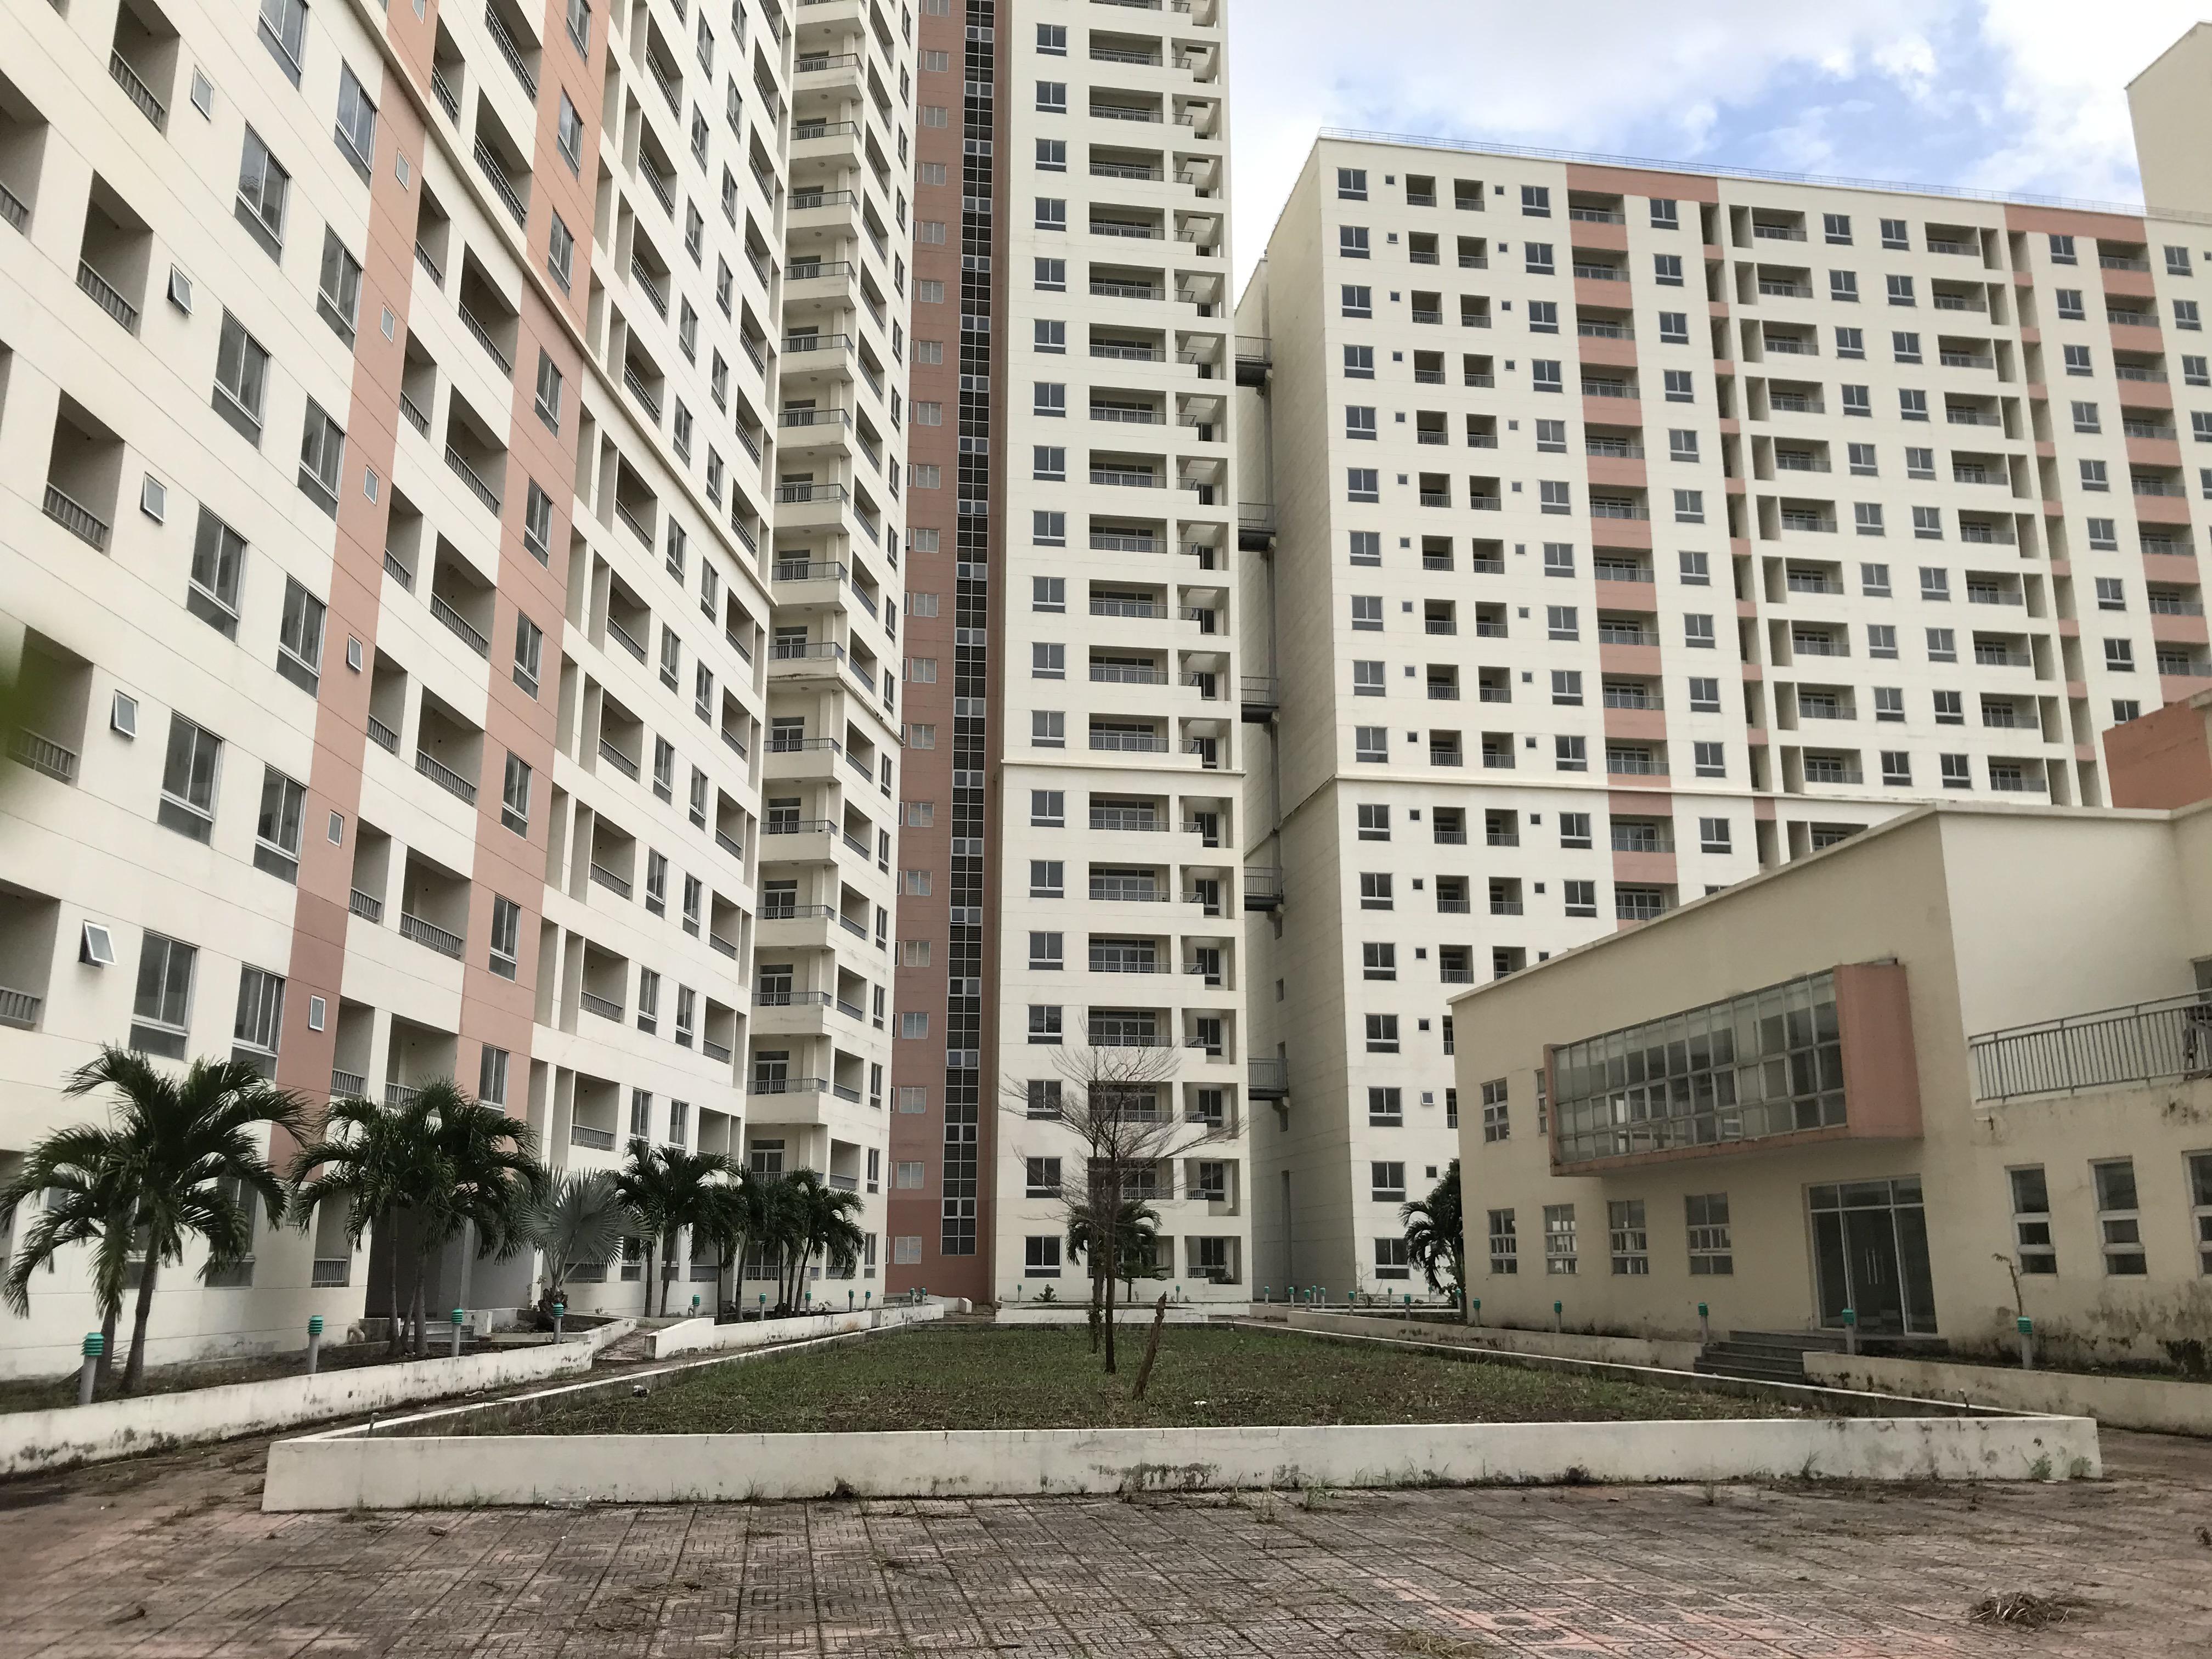 Bên trong Khu tái định cư Bình Khánh, quận 2, Tp.Thủ Đức, Tp.HCM - Ảnh: BM.